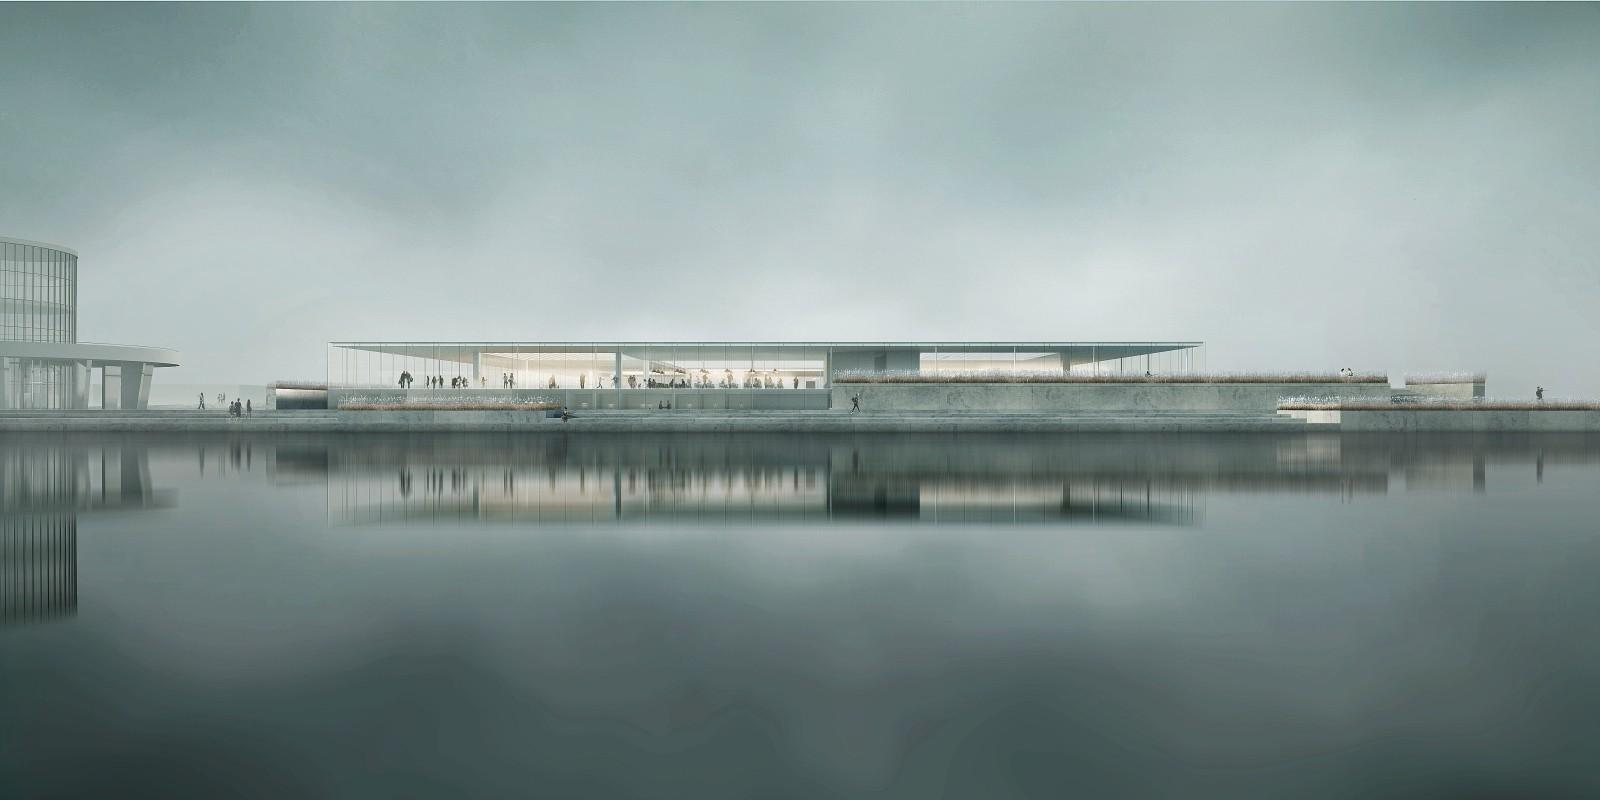 Mikolai Adamus' Proposal for a New Aquarium in Gdynia, © Mikolai Adamus